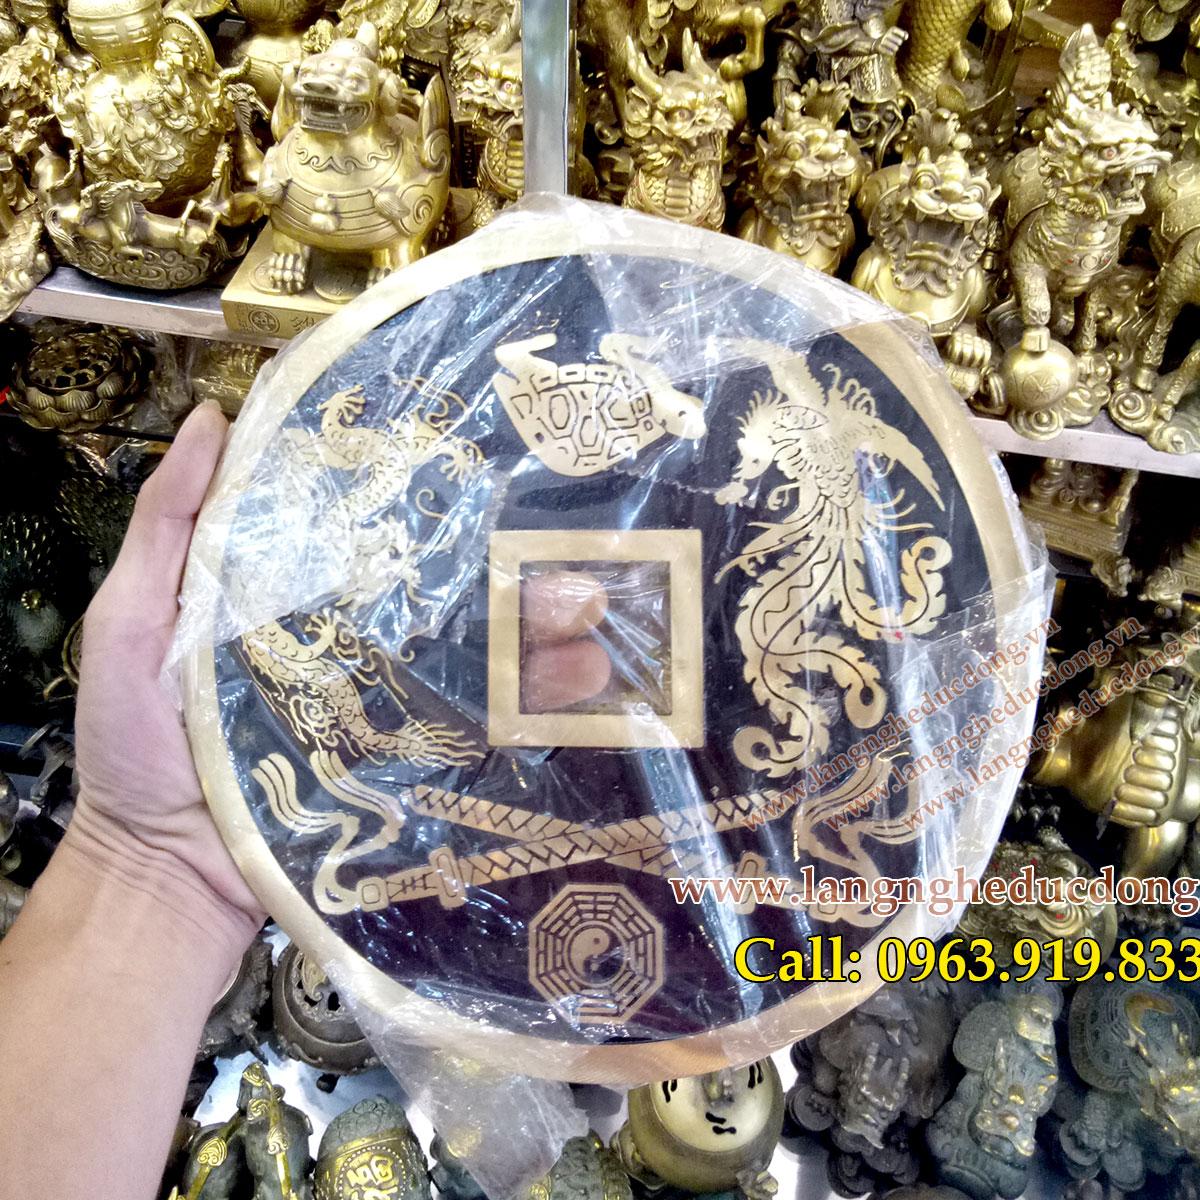 langngheducdong.vn - tiền xu trấn trạch, đồng tiền trấn trạch, tiền xu phong thủy